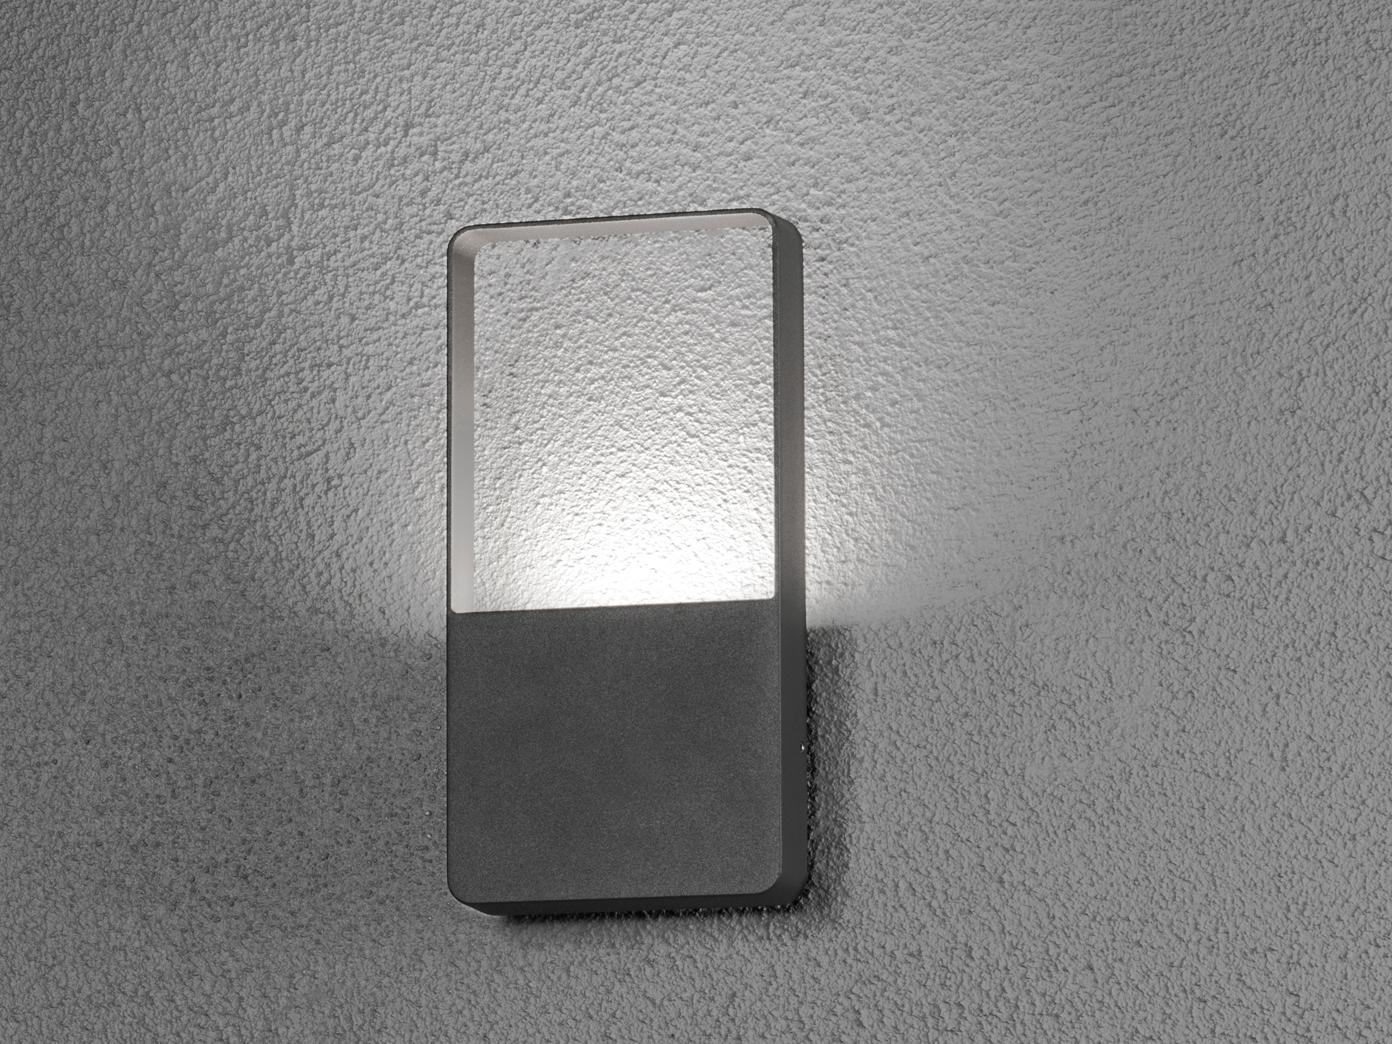 Flache Eckige Led Außenleuchte Aluminium Anthrazit 6w Fassadenleuchten Hauswand